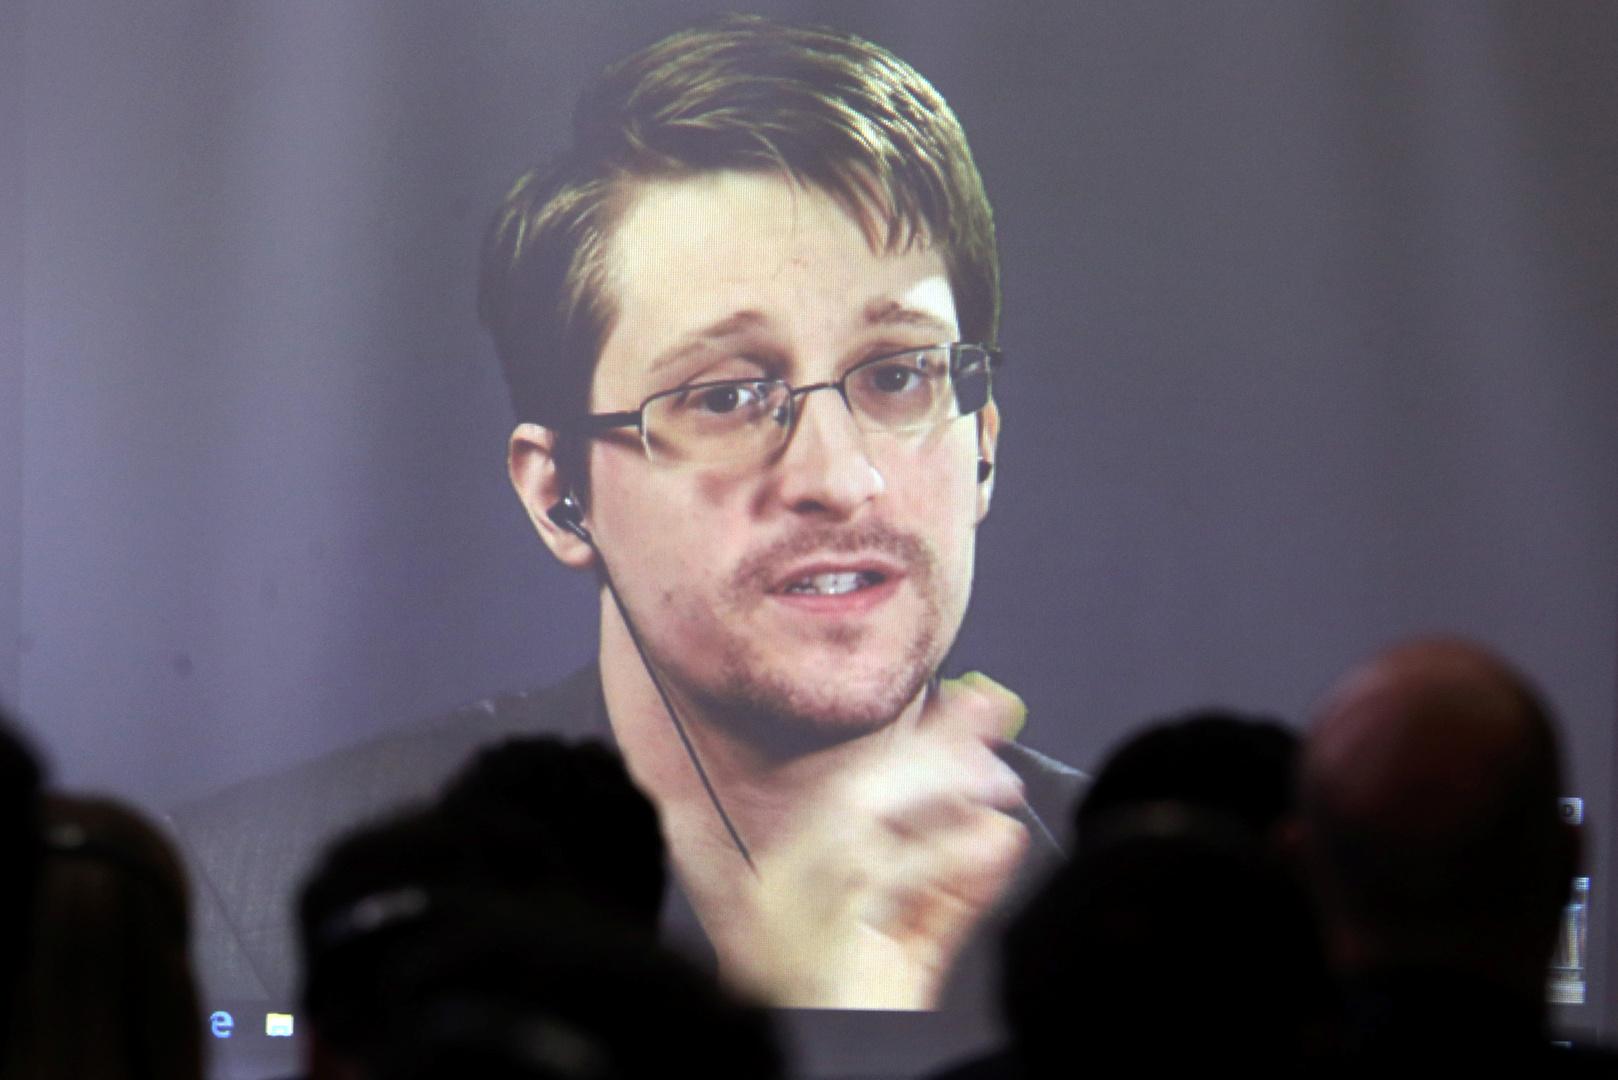 سنودن يرد على نبأ موافقته على دفع أكثر من 5 ملايين دولار للحكومة الأمريكية